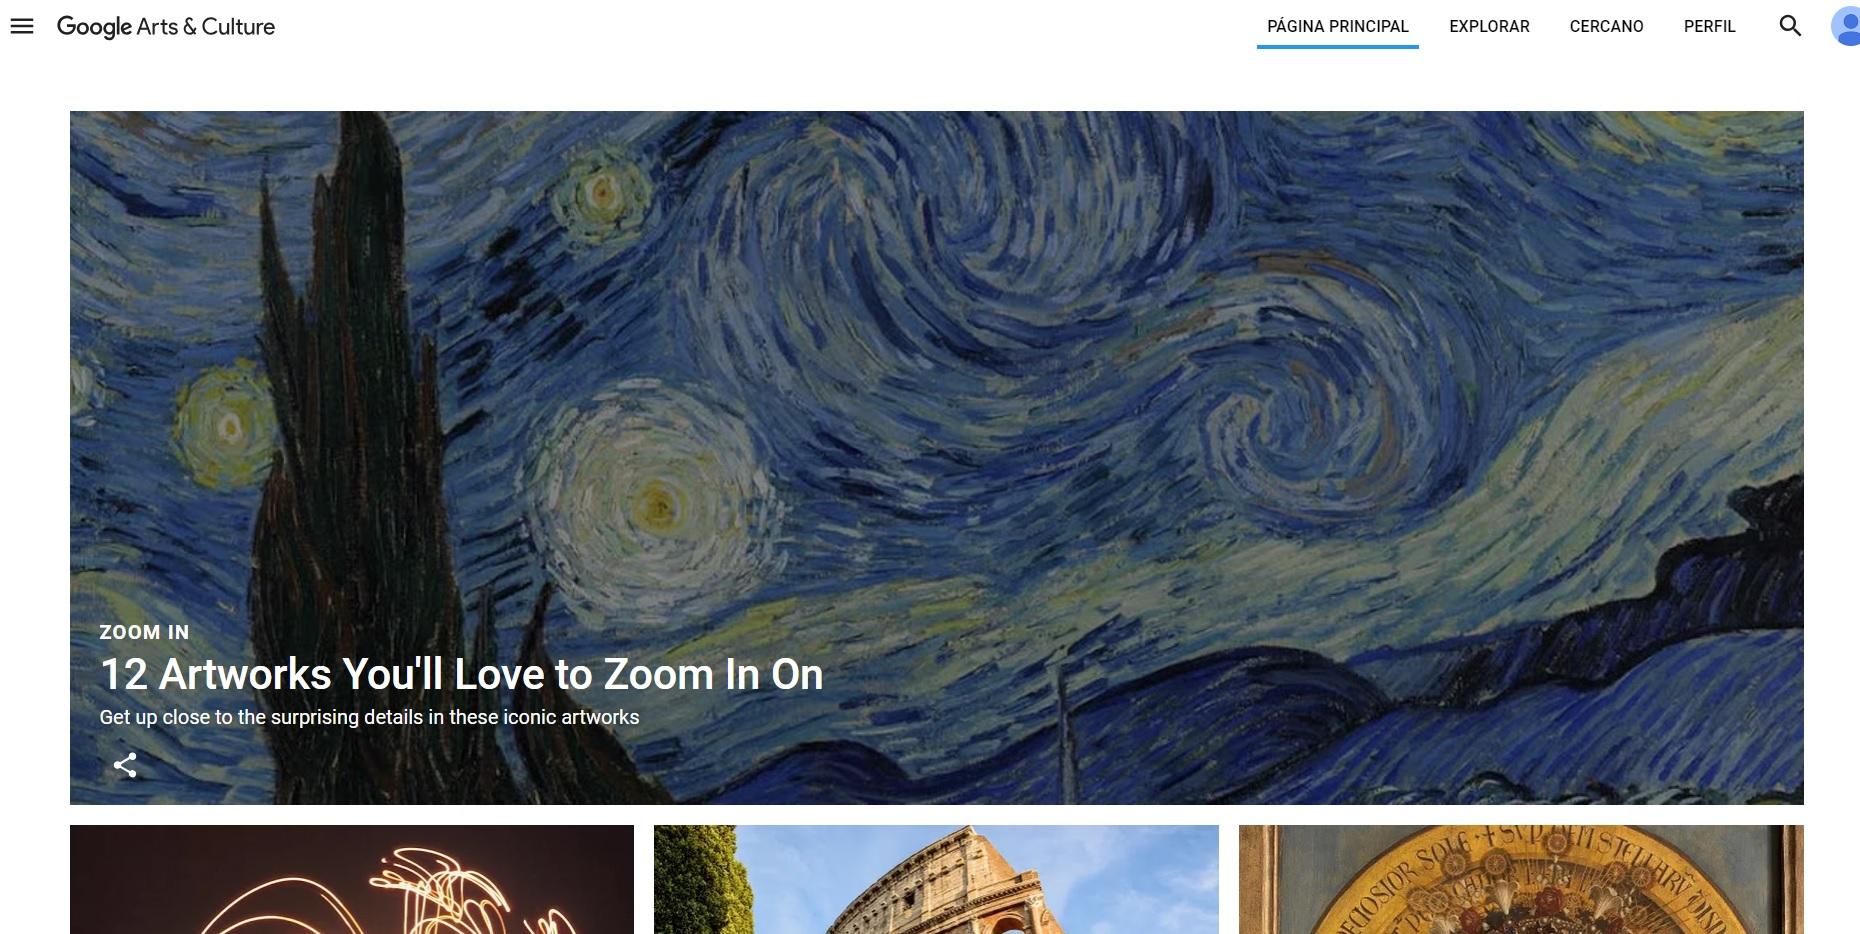 Google Arts & Culture, el arte y la cultura al alcance de todos